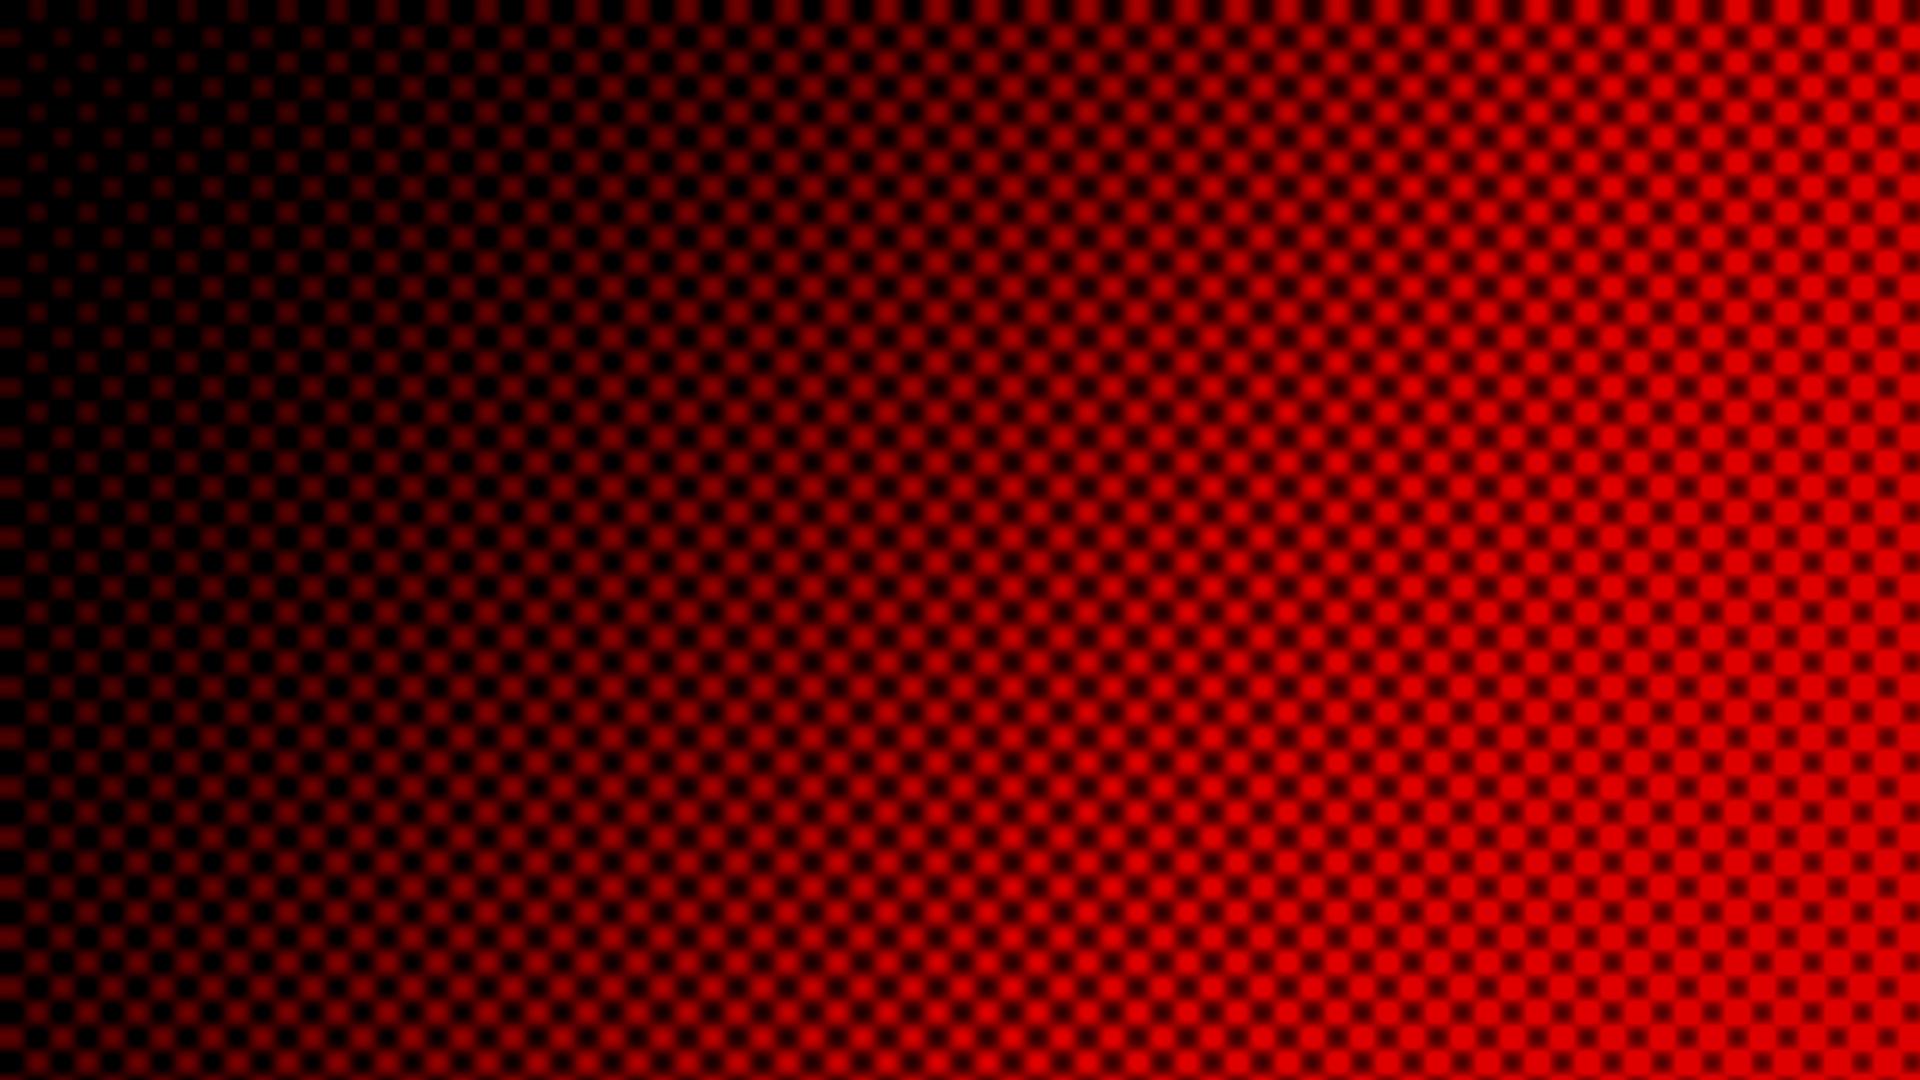 ハーフトーンパターン-赤